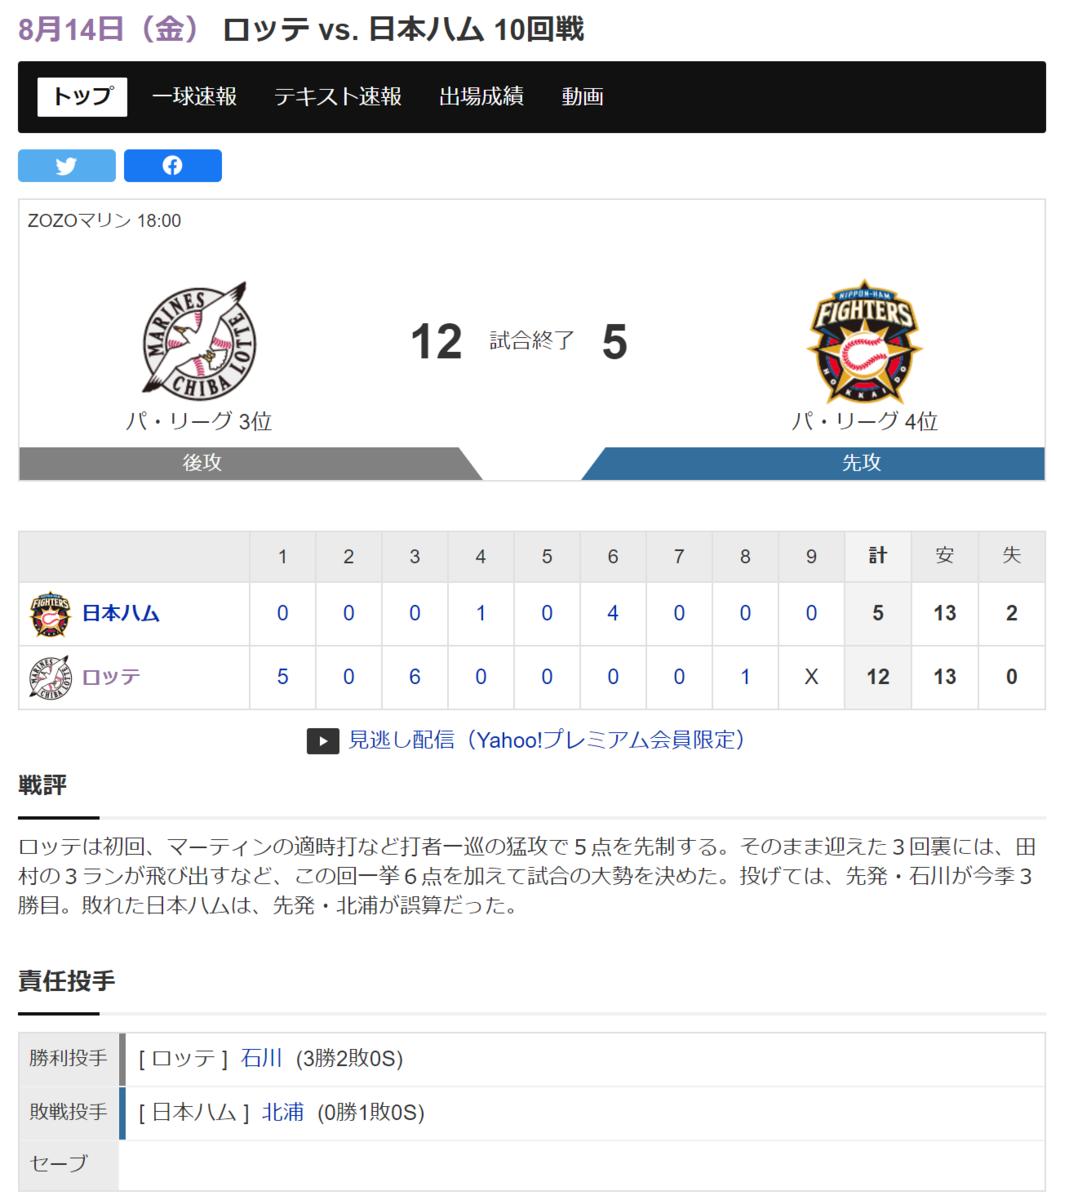 f:id:AriharaOkoku:20200816123515p:plain